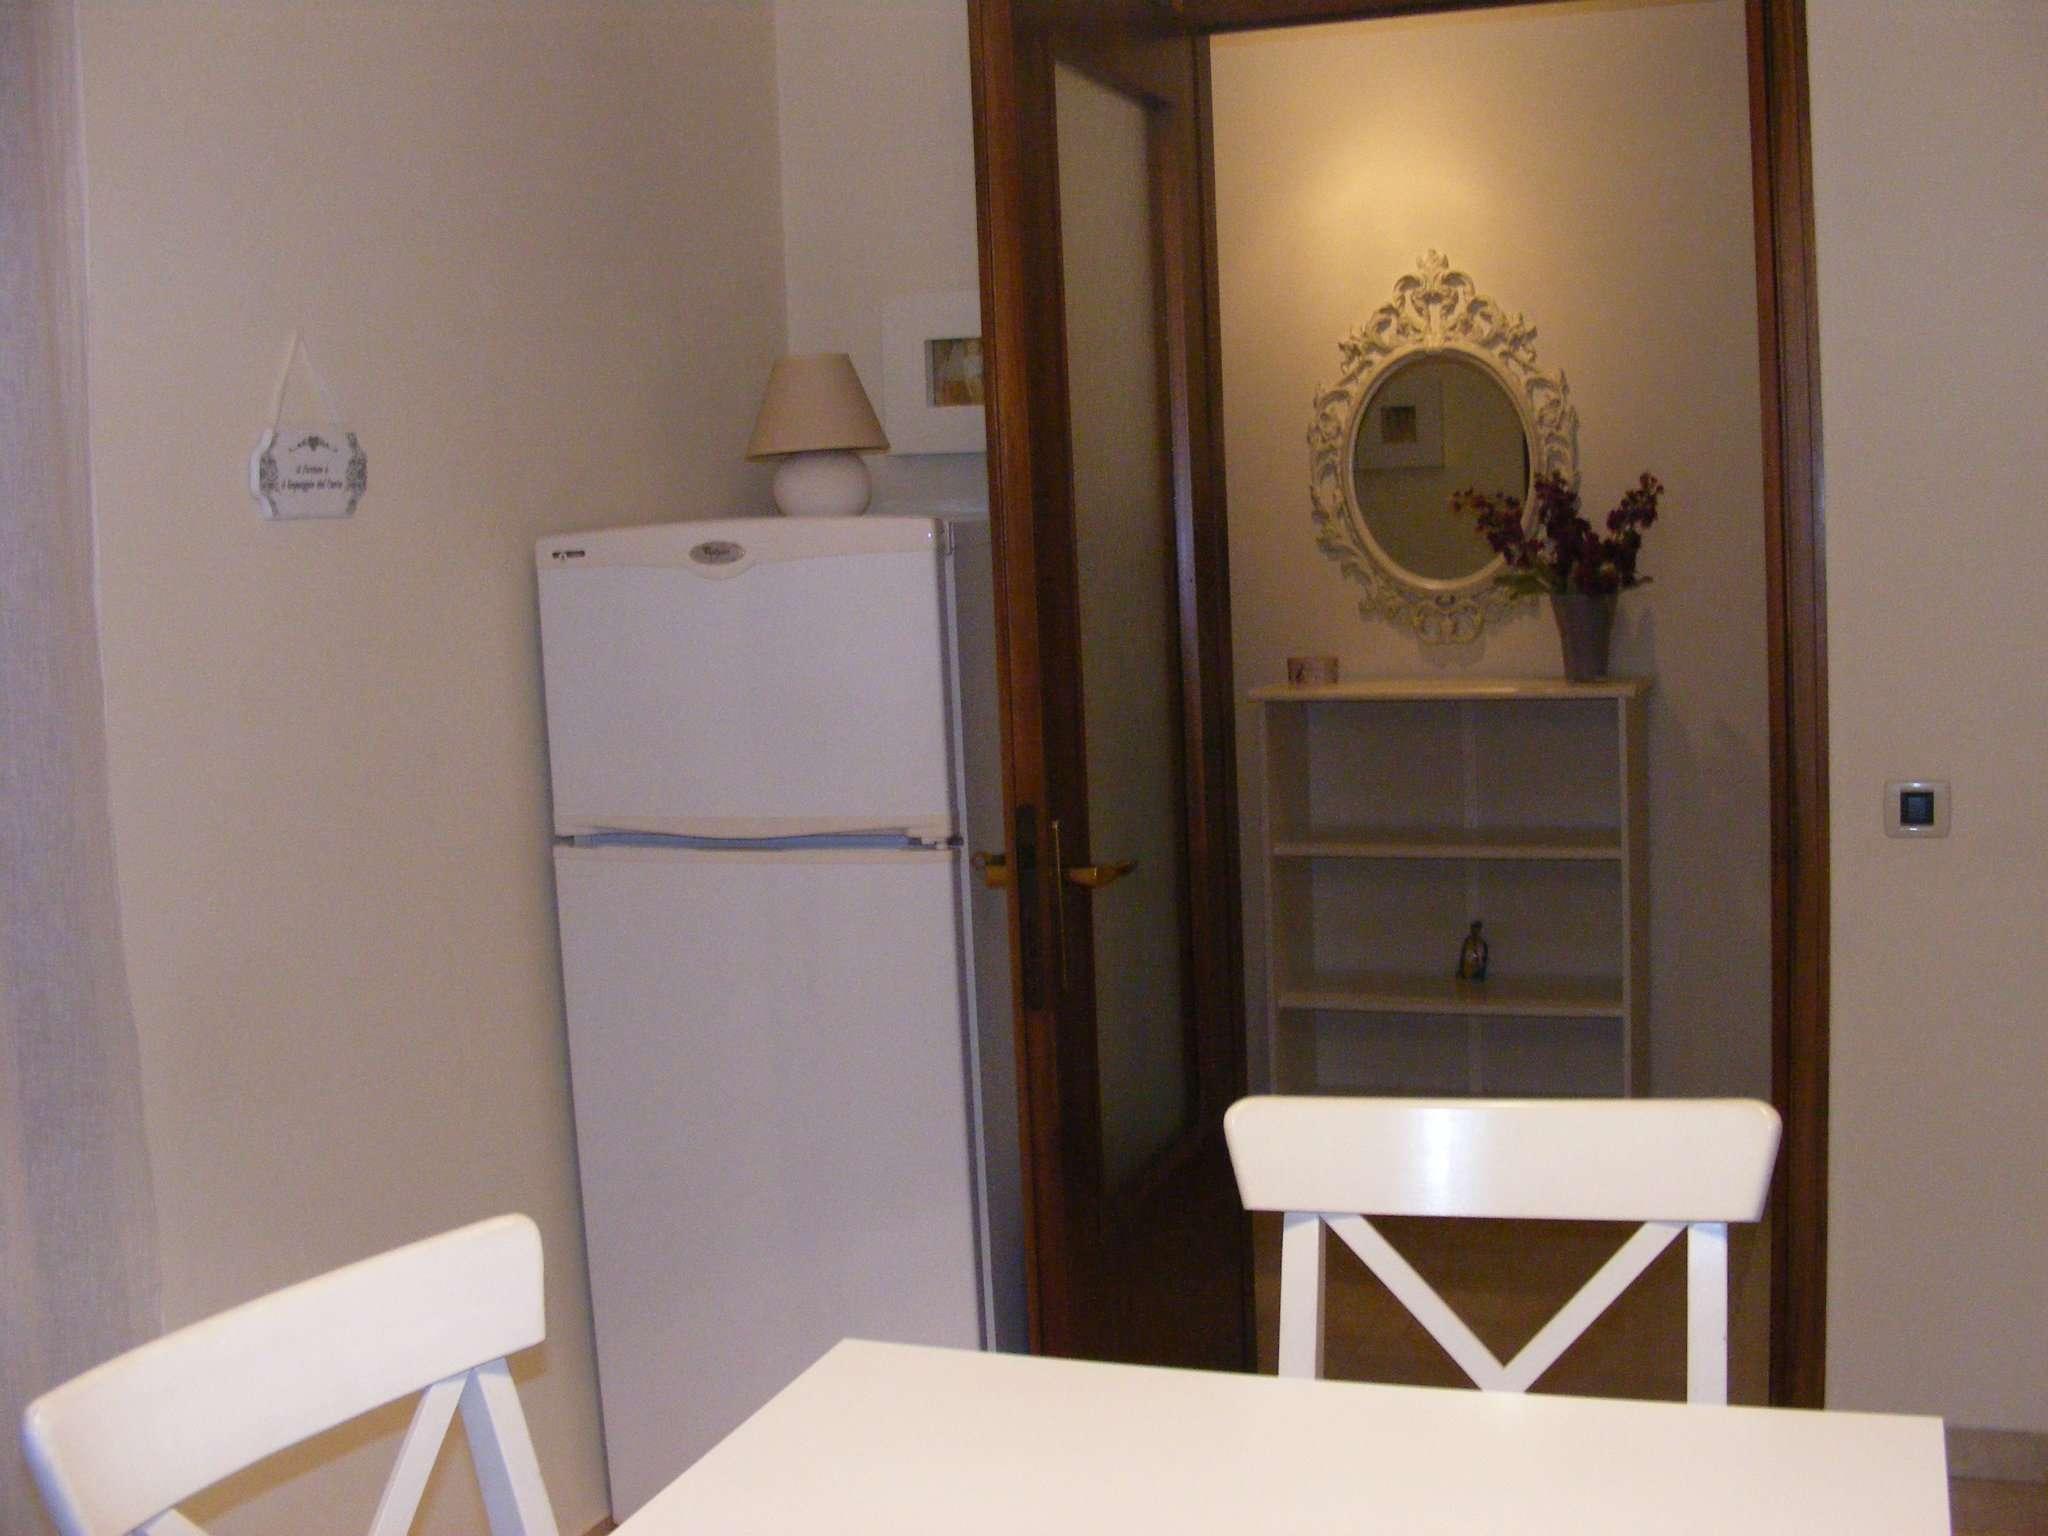 Appartamento in vendita a Padova, 4 locali, zona Zona: 4 . Sud-Est (S.Croce-S. Osvaldo, Bassanello-Voltabarozzo), prezzo € 95.000 | CambioCasa.it